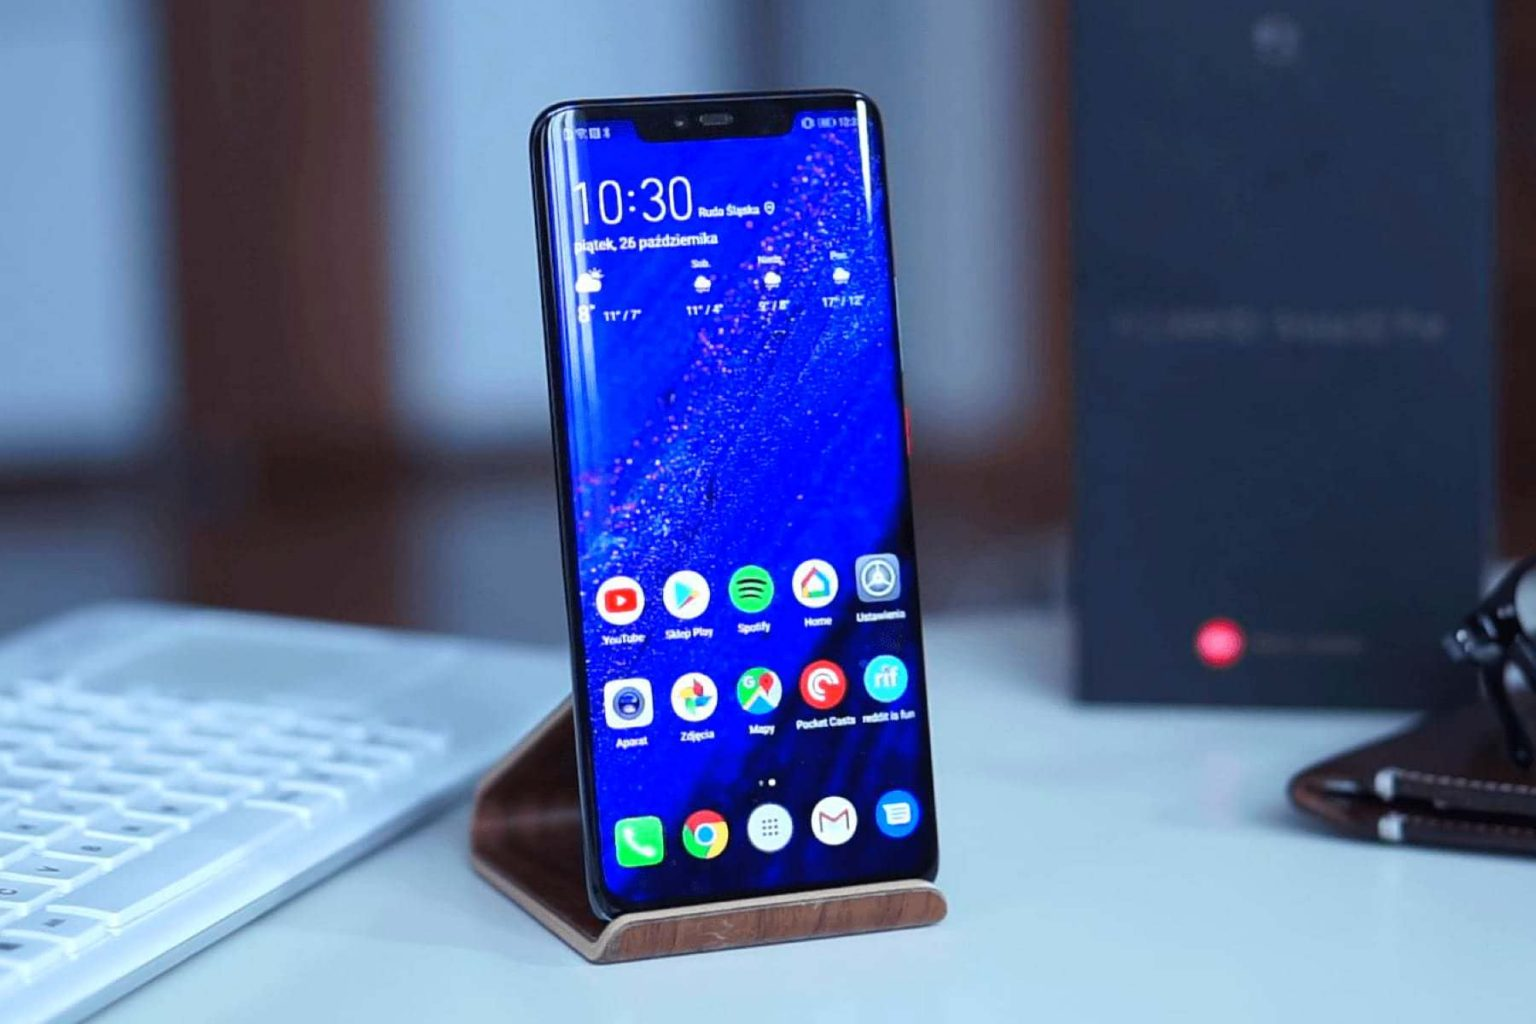 Huawei привезла в россию новый смартфон с сервисами google. как ей это удалось